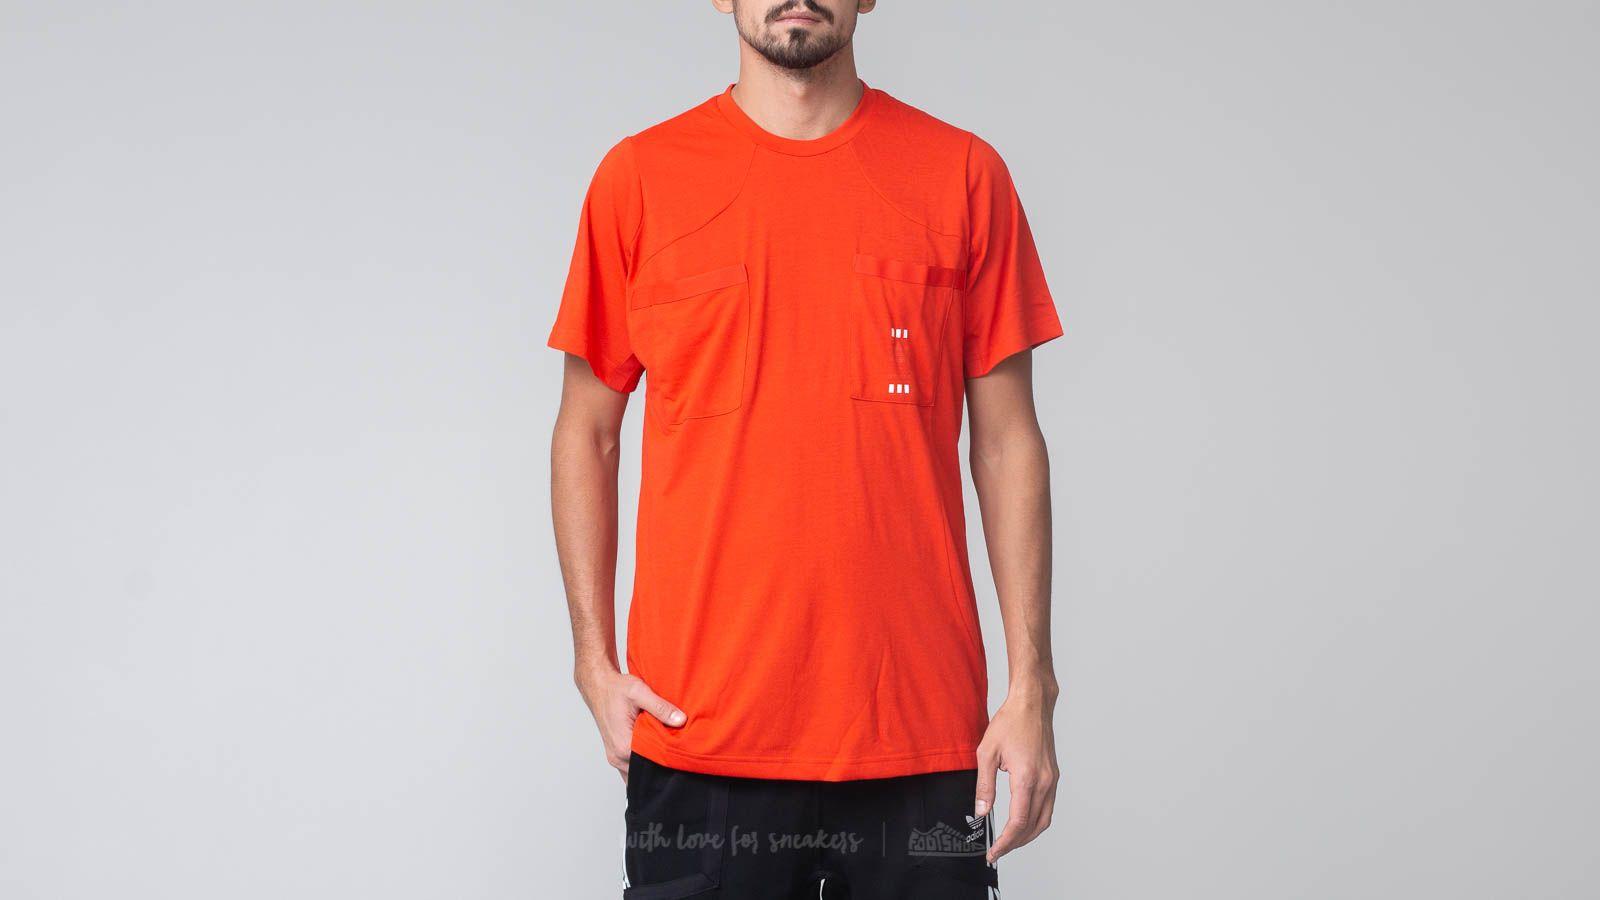 adidas Oyster Holding 72-Hour Shortsleeve Tee Red za skvělou cenu 1 090 Kč koupíte na Footshop.cz